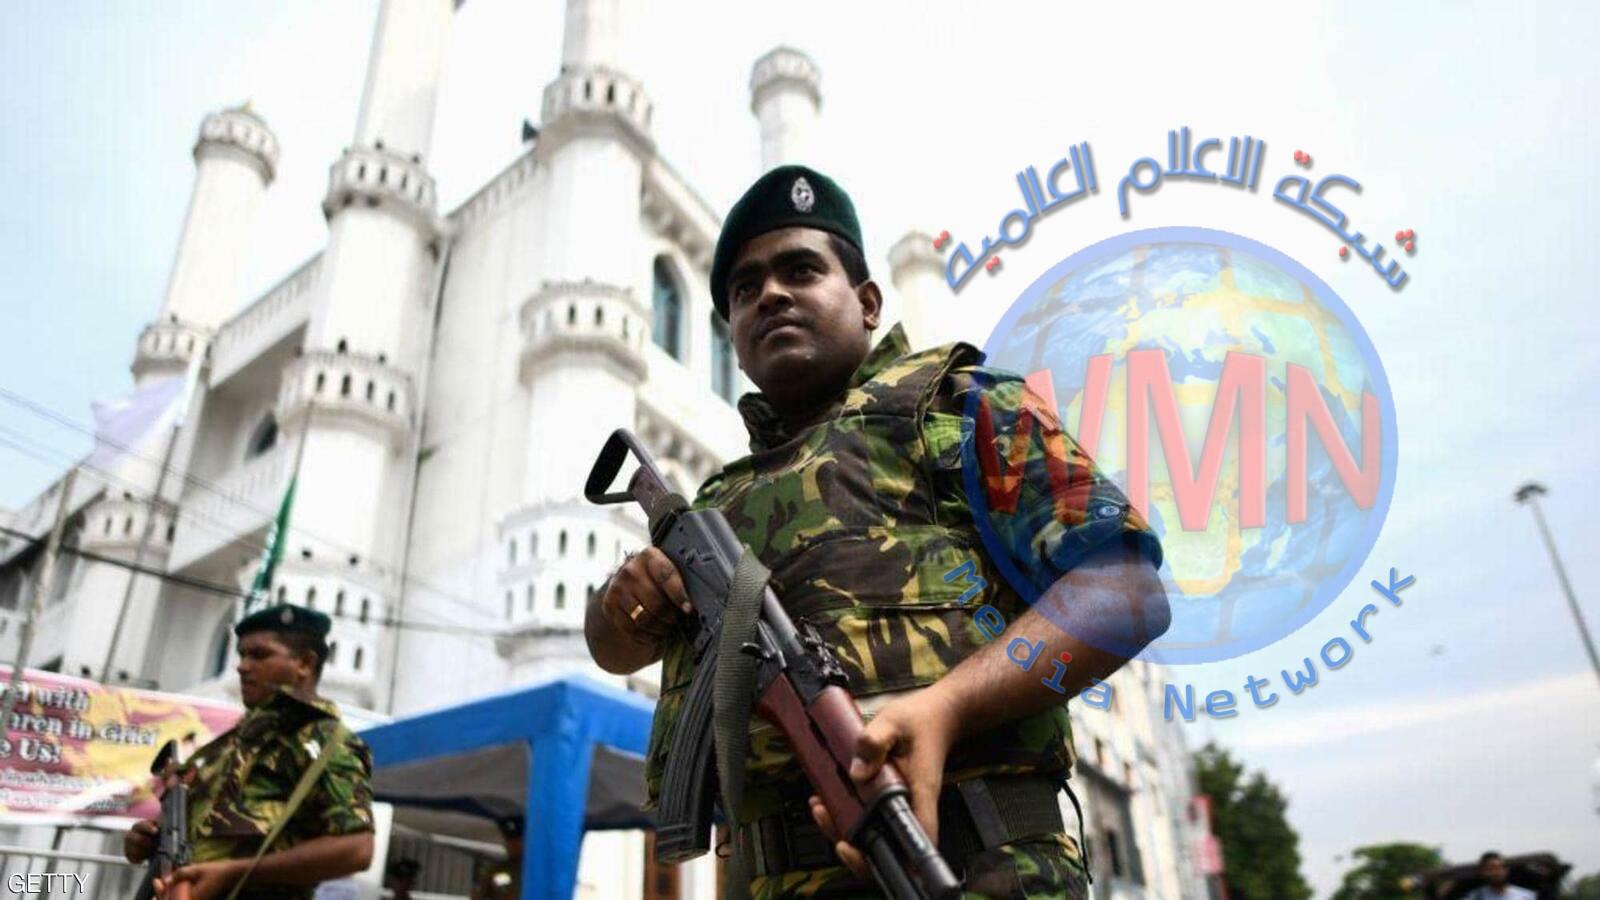 دعوات لتجنب المساجد والكنائس في سريلانكا